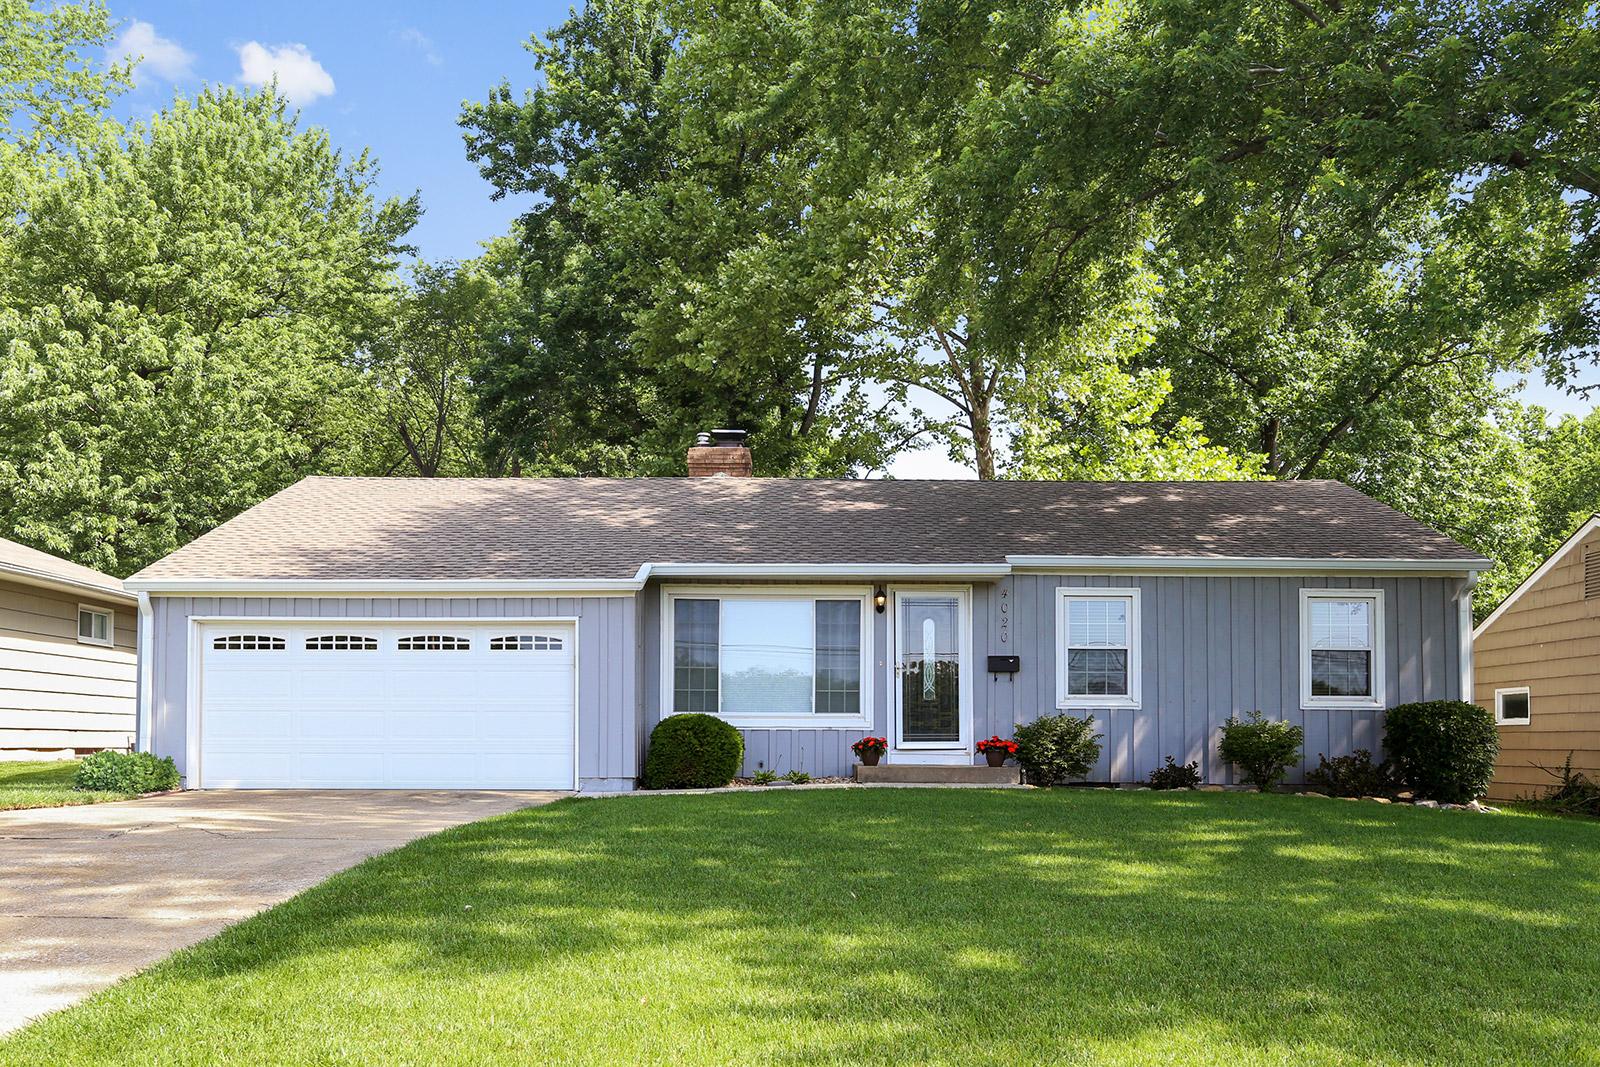 4020 W 63rd St., Prairie Village, KS 66208